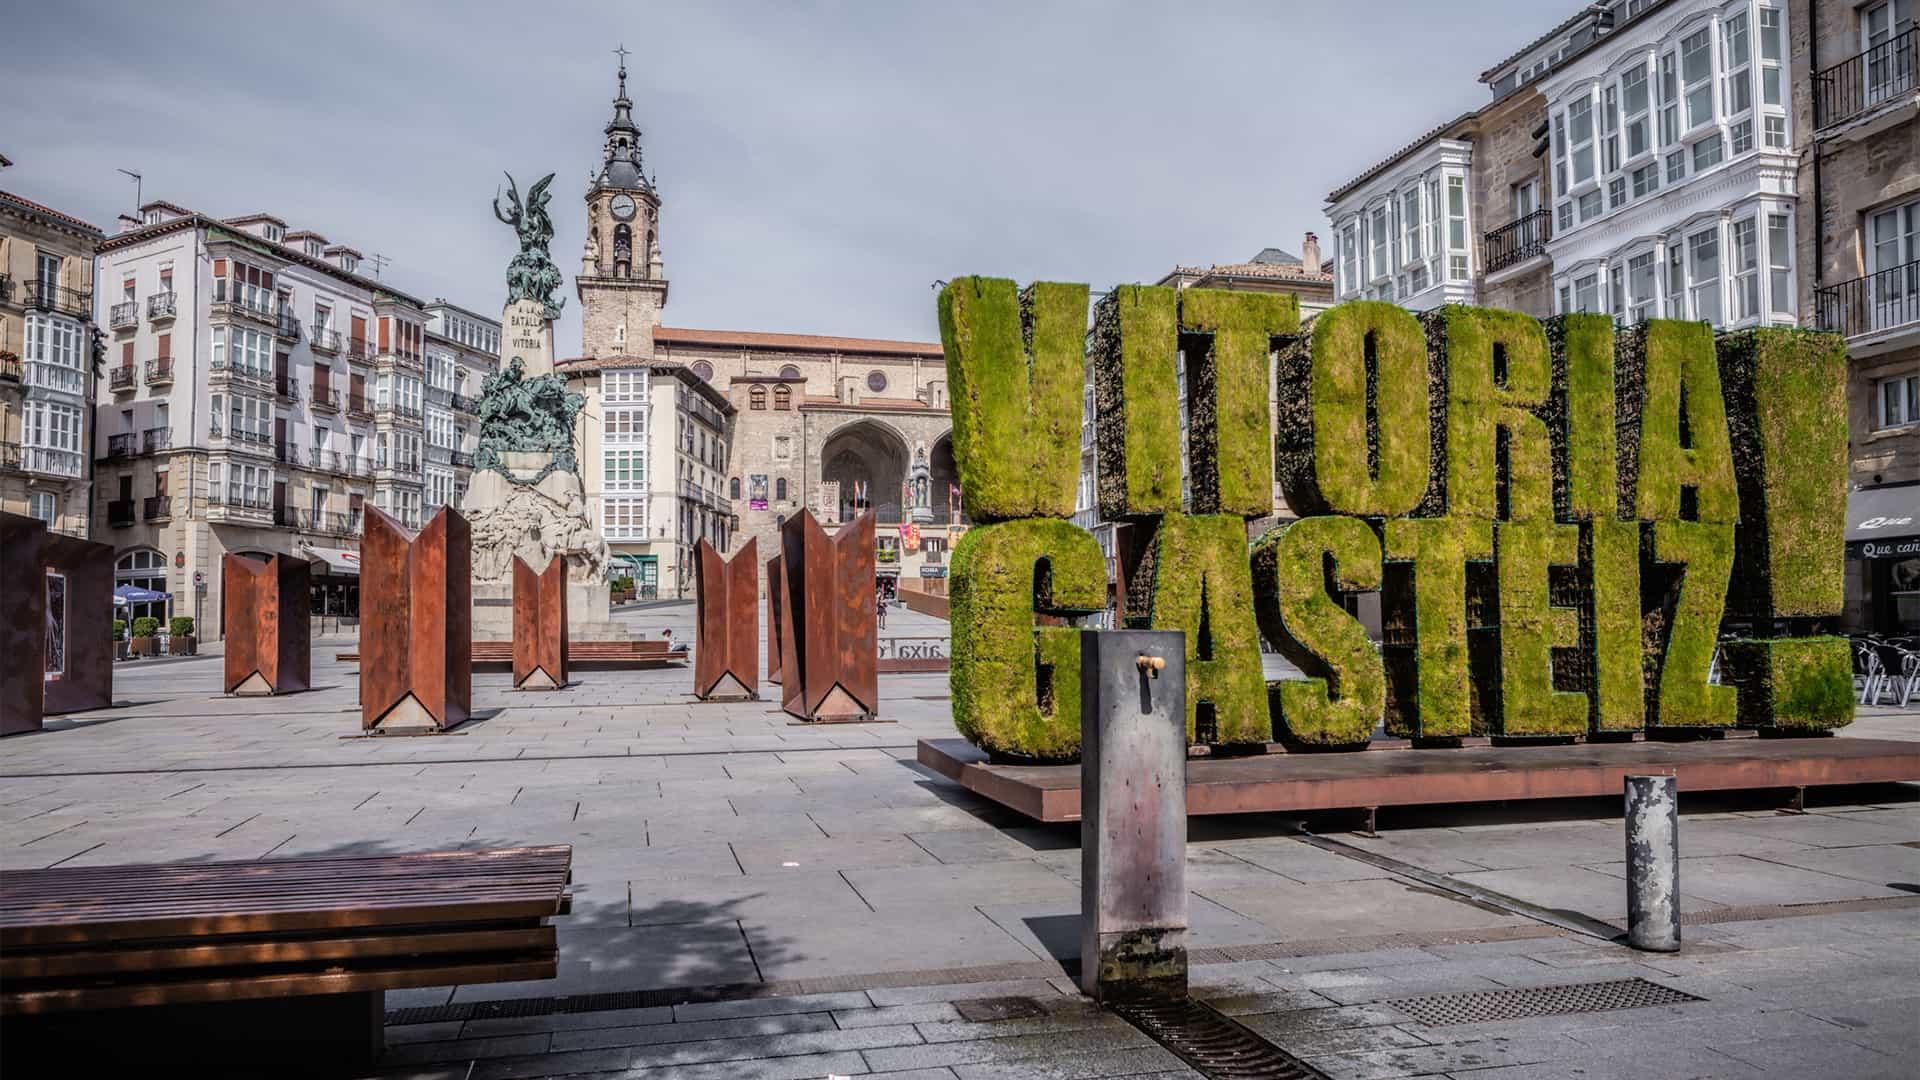 Vodafone Vitoria: tiendas y cobertura 5G en la ciudad vasca